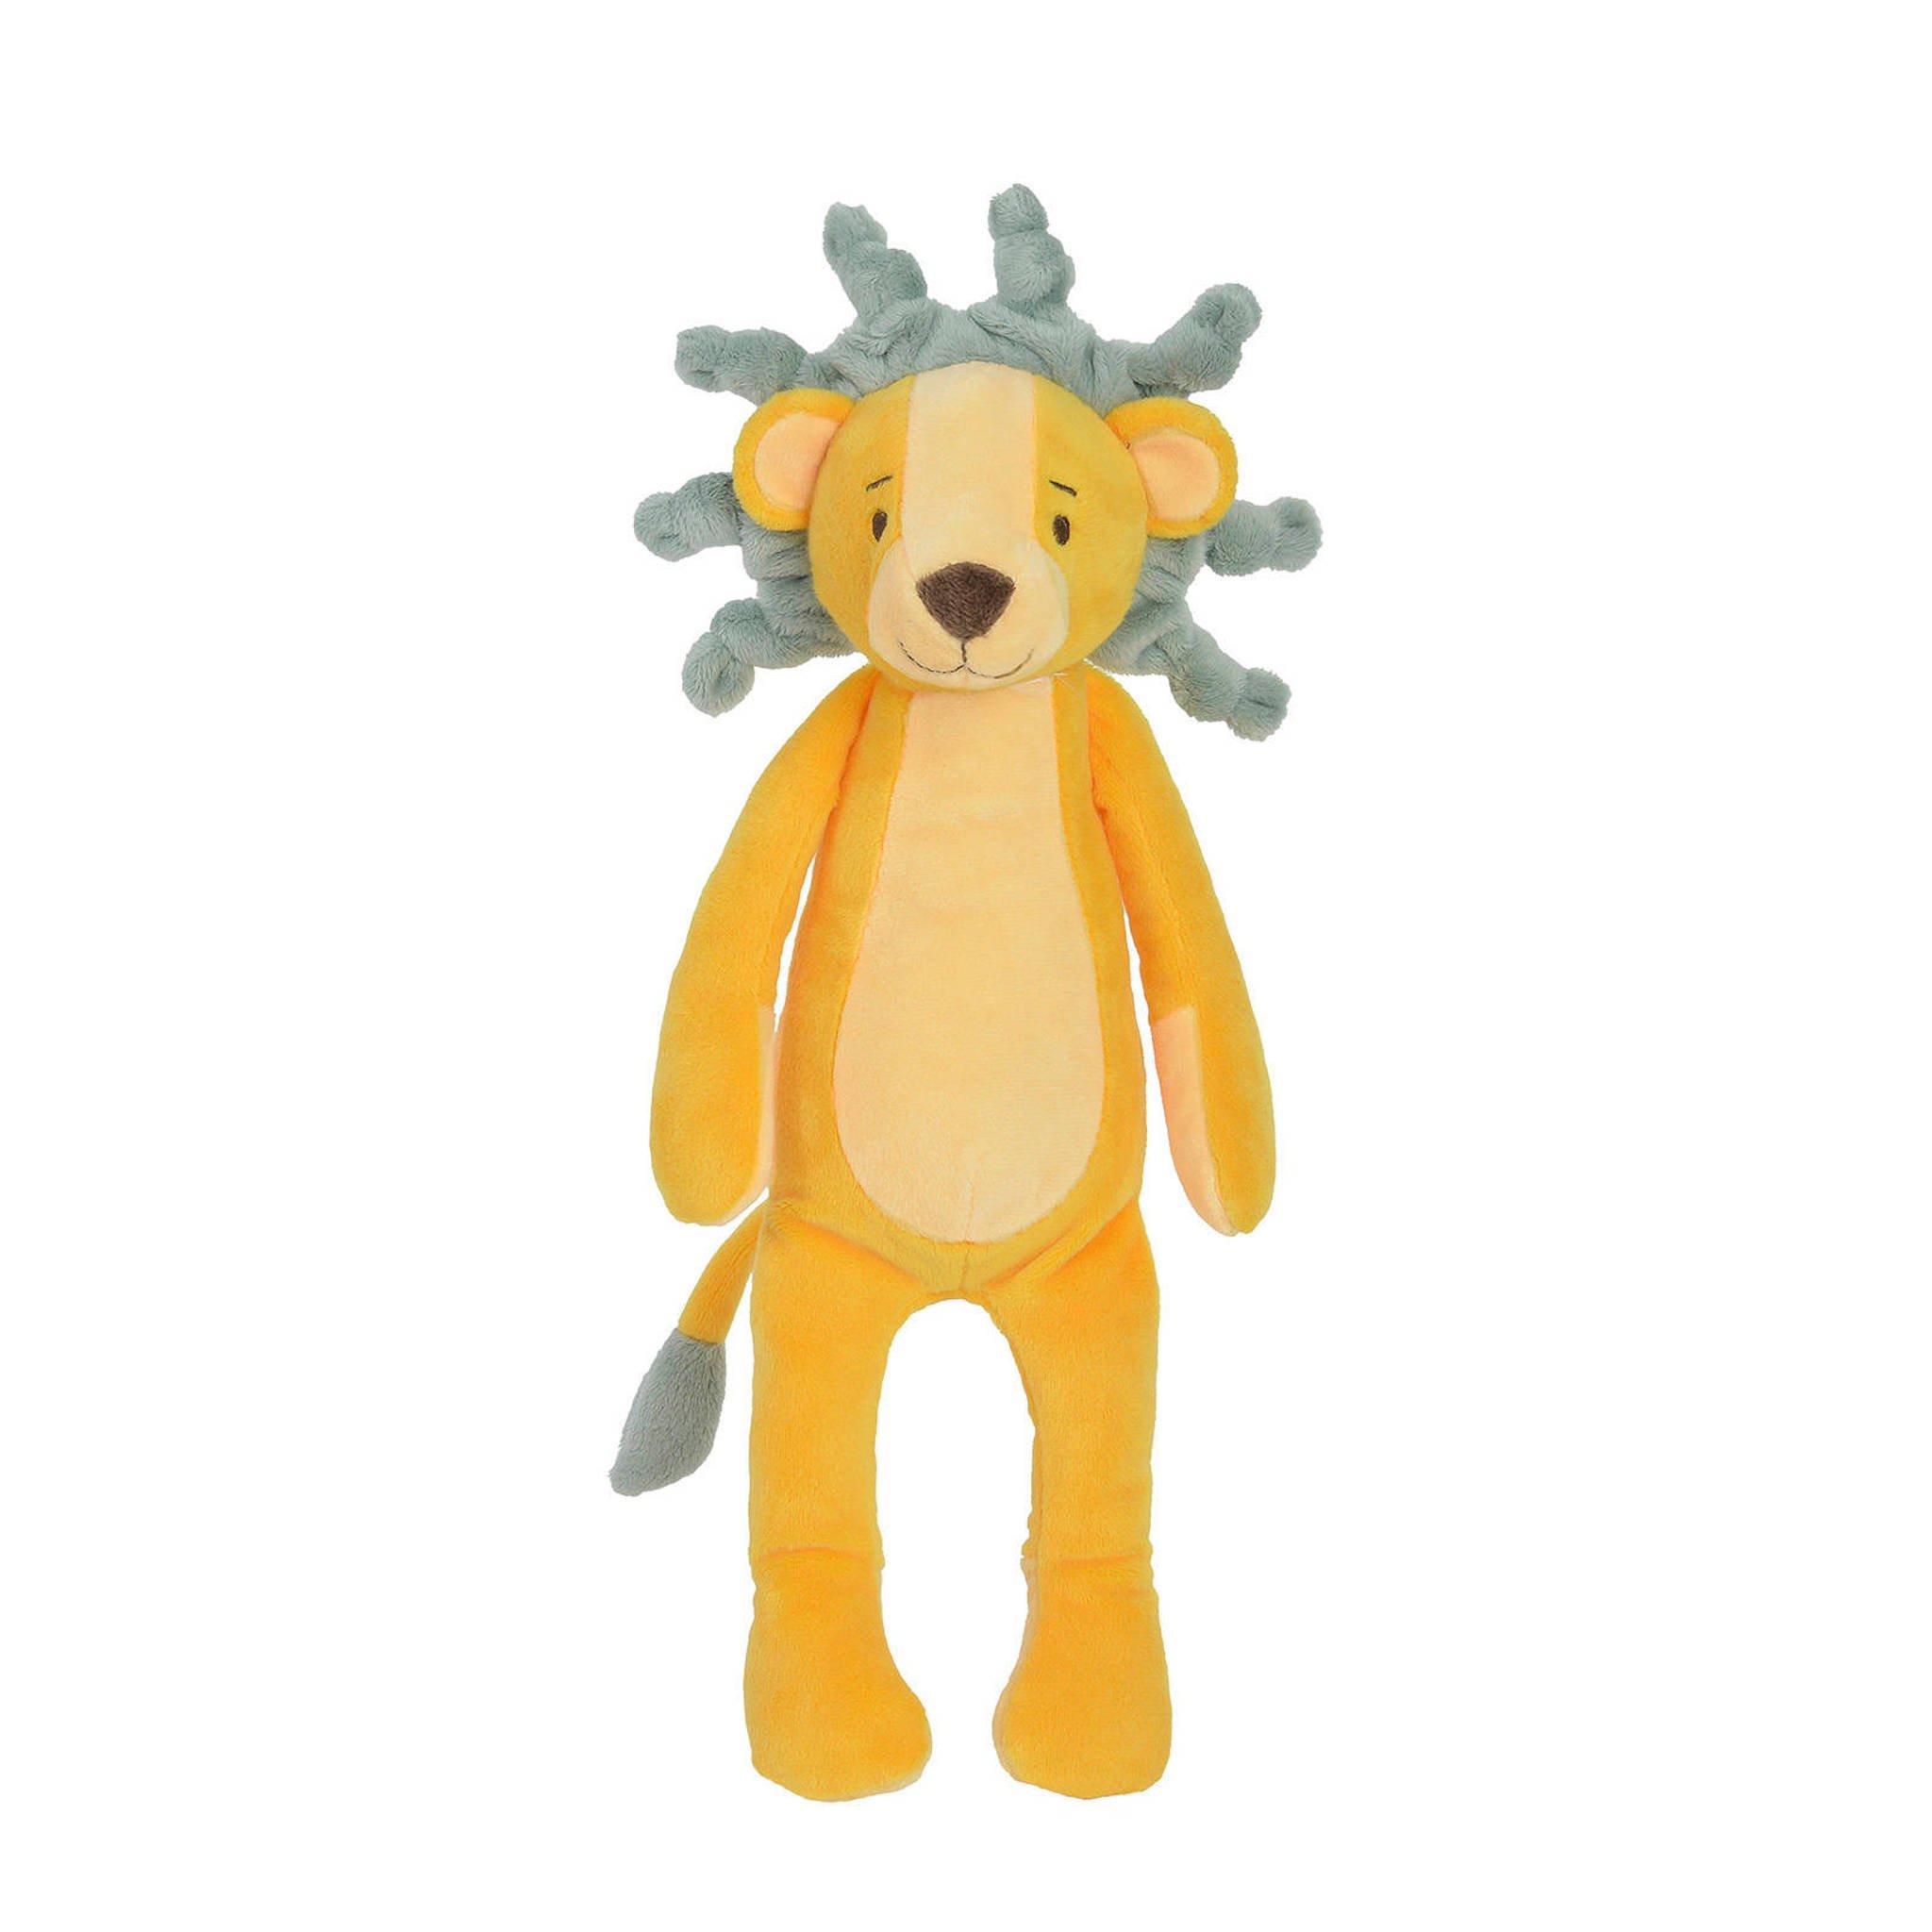 Plüsch Löwe Stofftier Kuscheltier gelb 30 cm